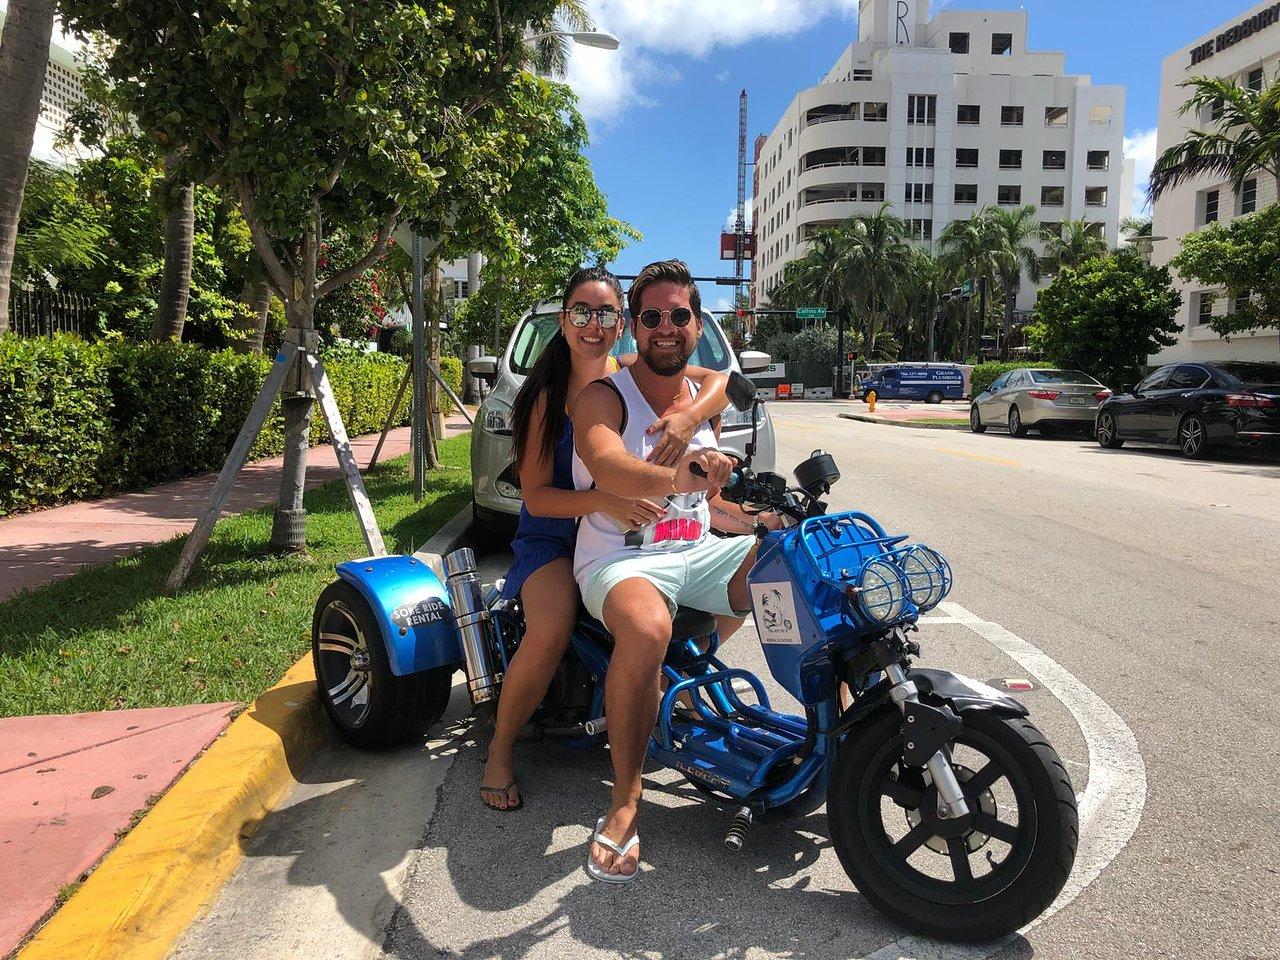 Alquiler De Moto Miami Beach 2021 Que Saber Antes De Ir Lo Mas Comentado Por La Gente Tripadvisor